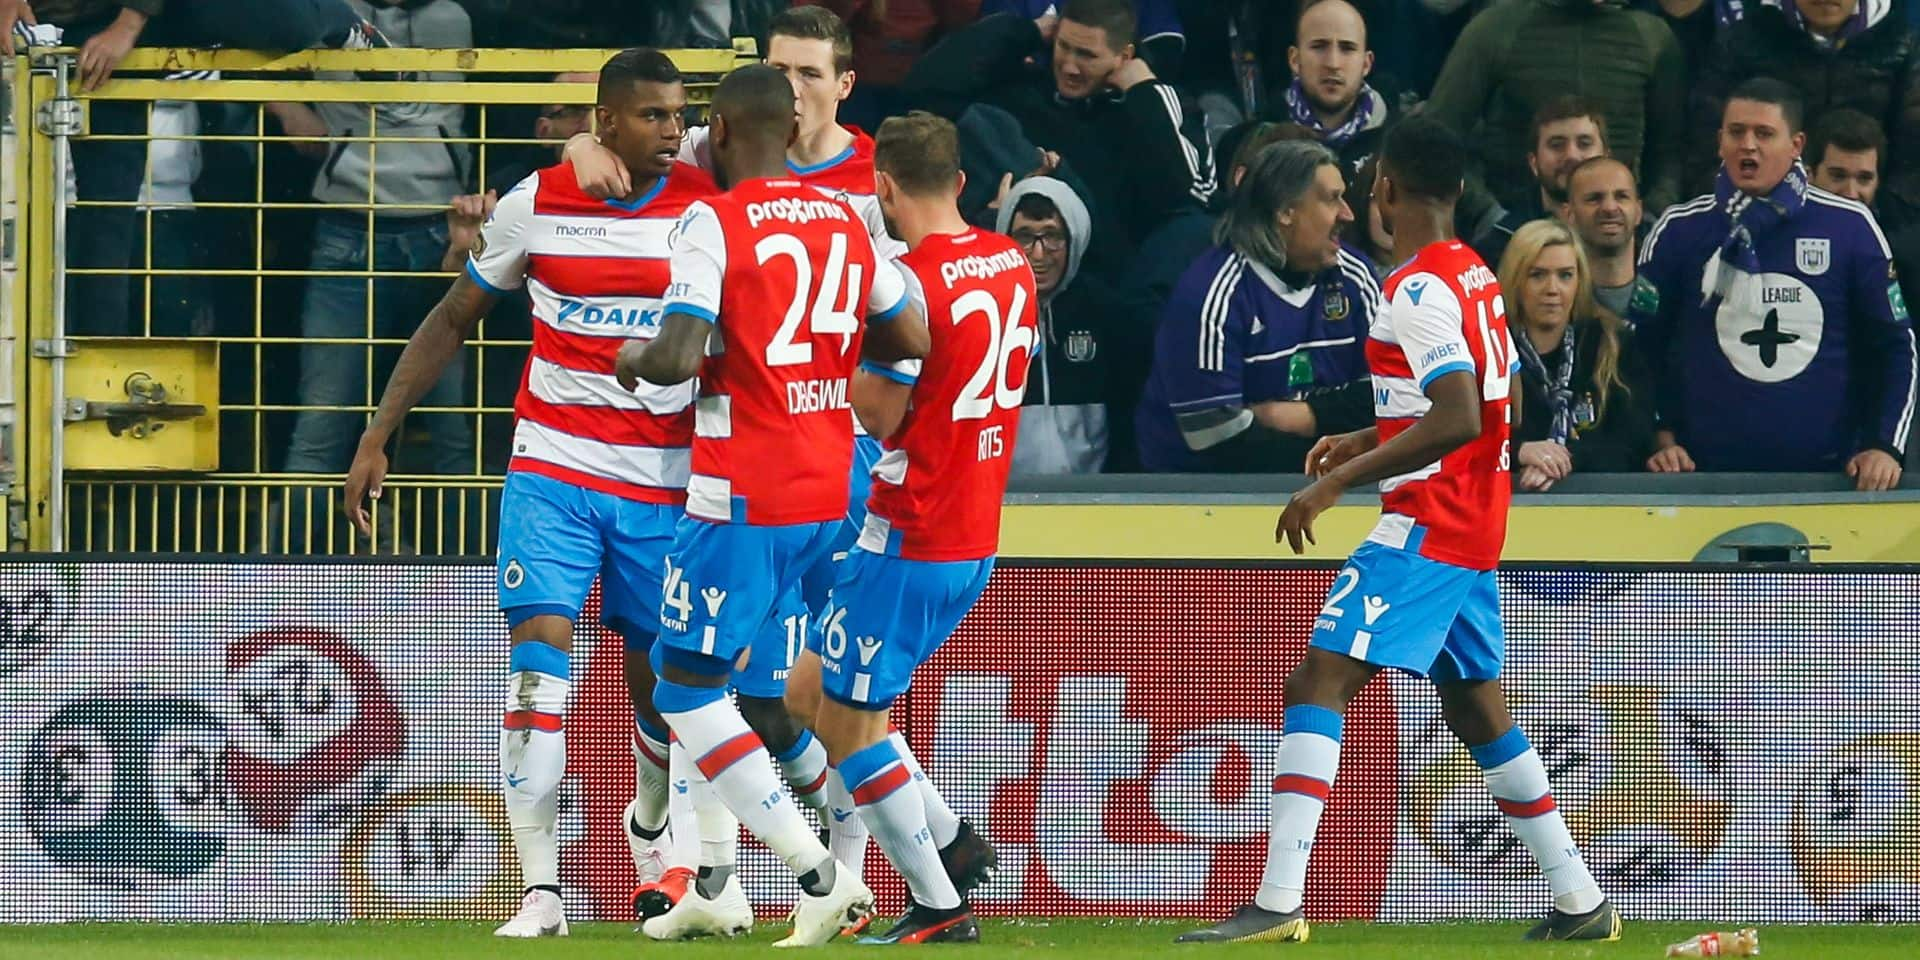 Face à Bruges et vu la différence de niveau, Anderlecht devra éviter de battre ces records négatifs